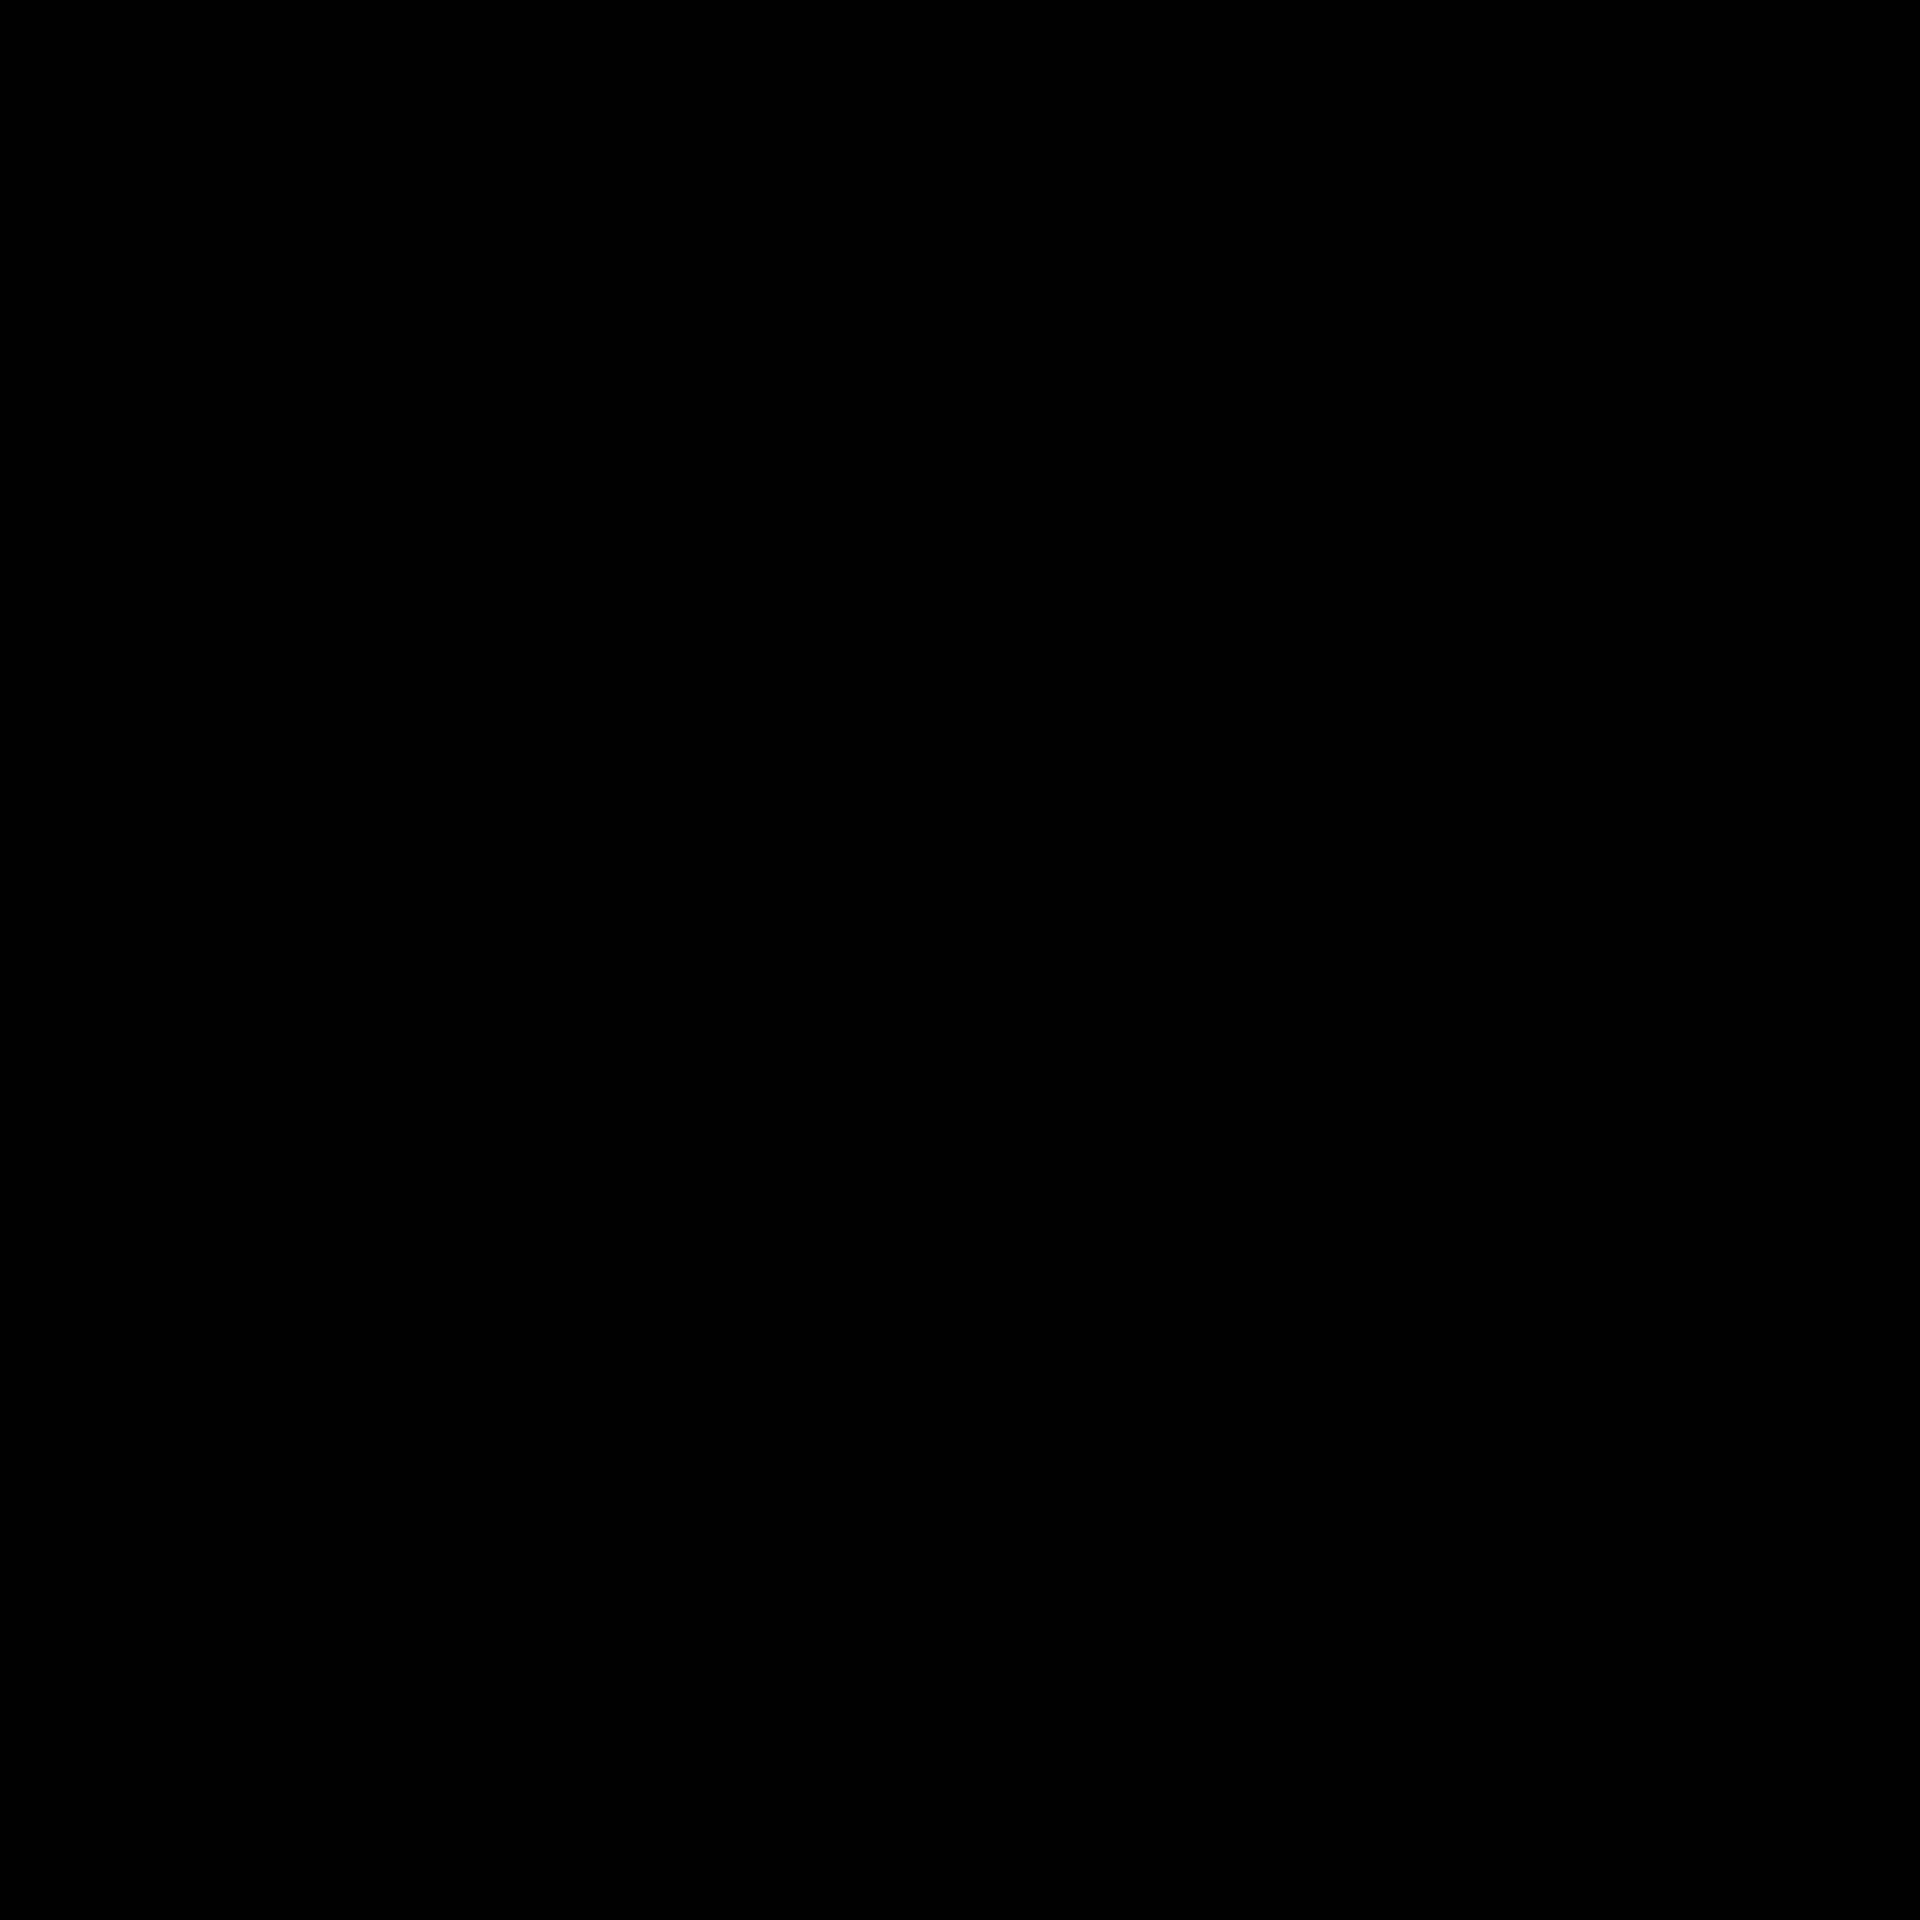 Logo van Muifelbrouwerij gevestigd in Oss uit Nederland